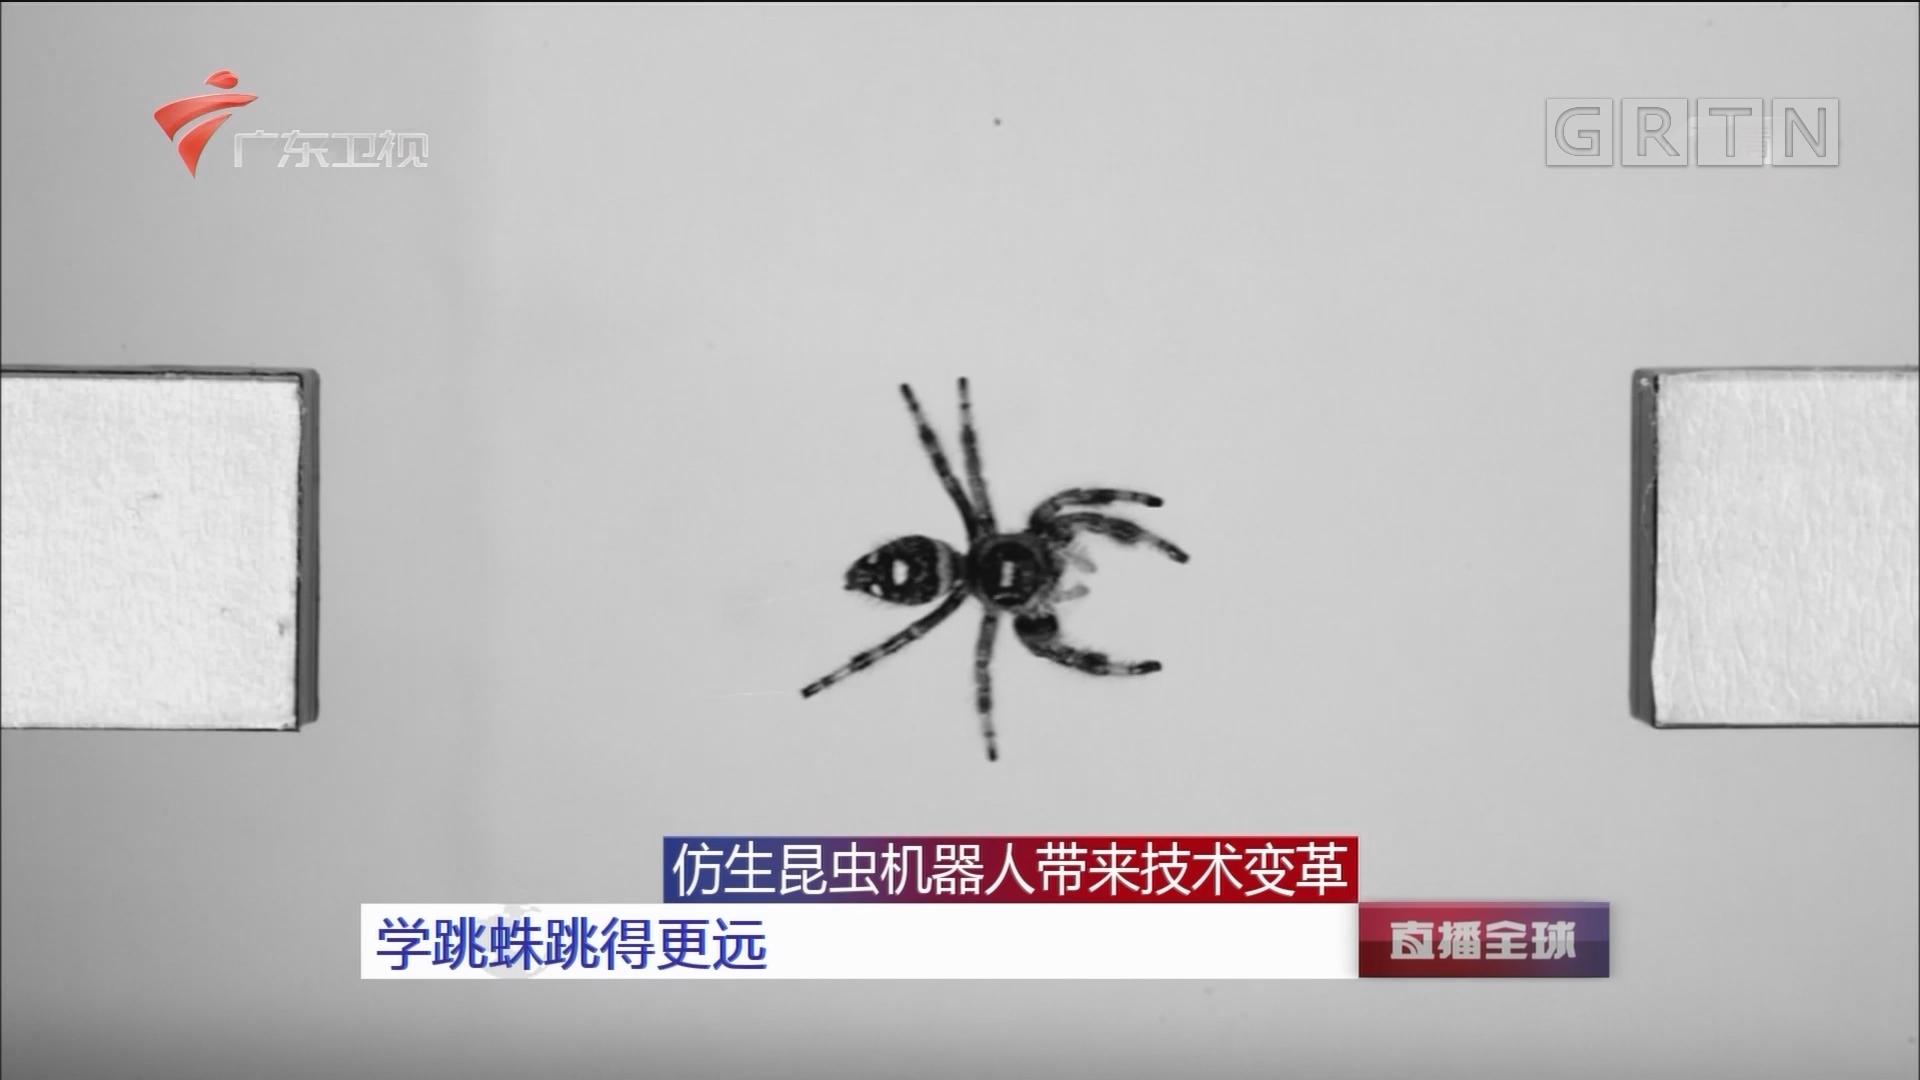 仿生昆虫机器人带来技术变革 学跳蛛跳得更远